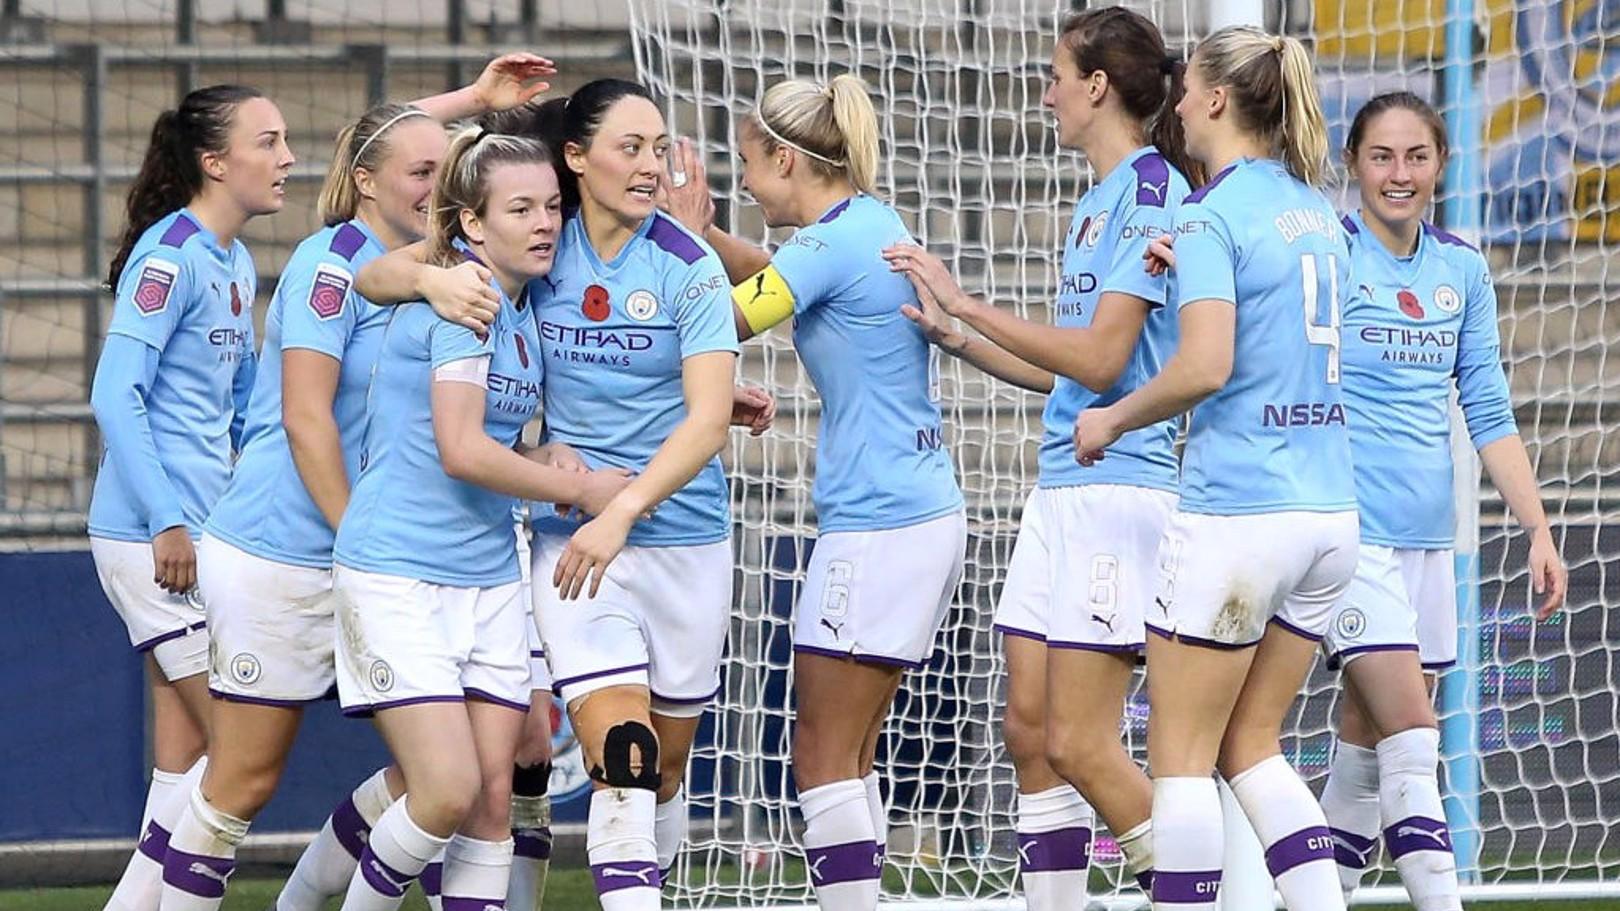 Las vigentes campeones se enfrentarán al Sheffield United en los cuartos de final.